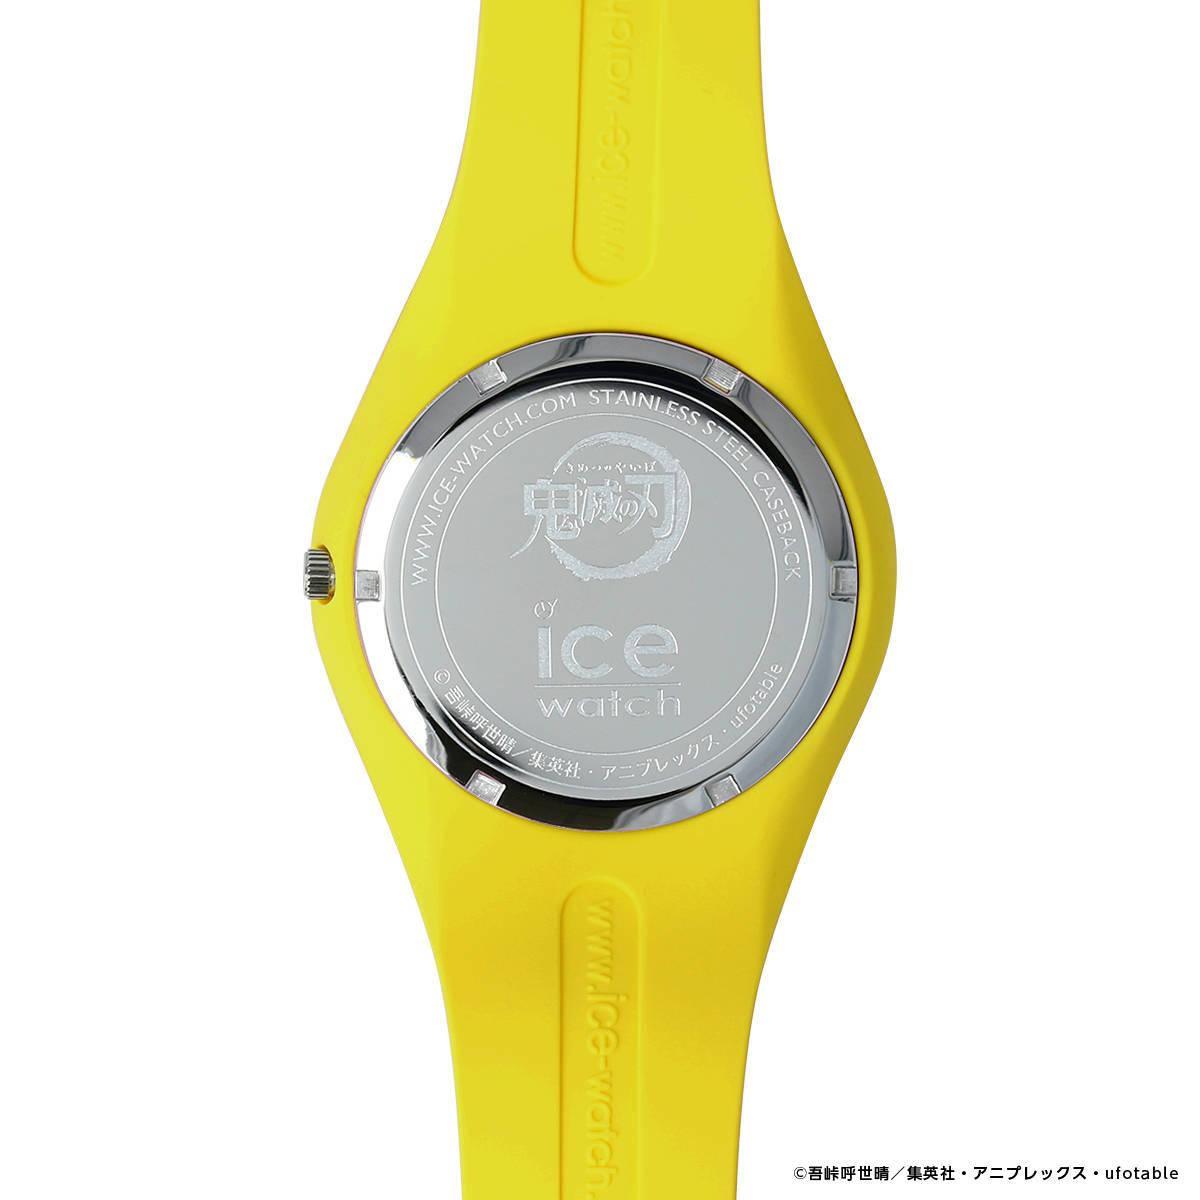 03.「鬼滅の刃」× ICE-WATCH コラボレーションウォッチ 我妻善逸 モデル7